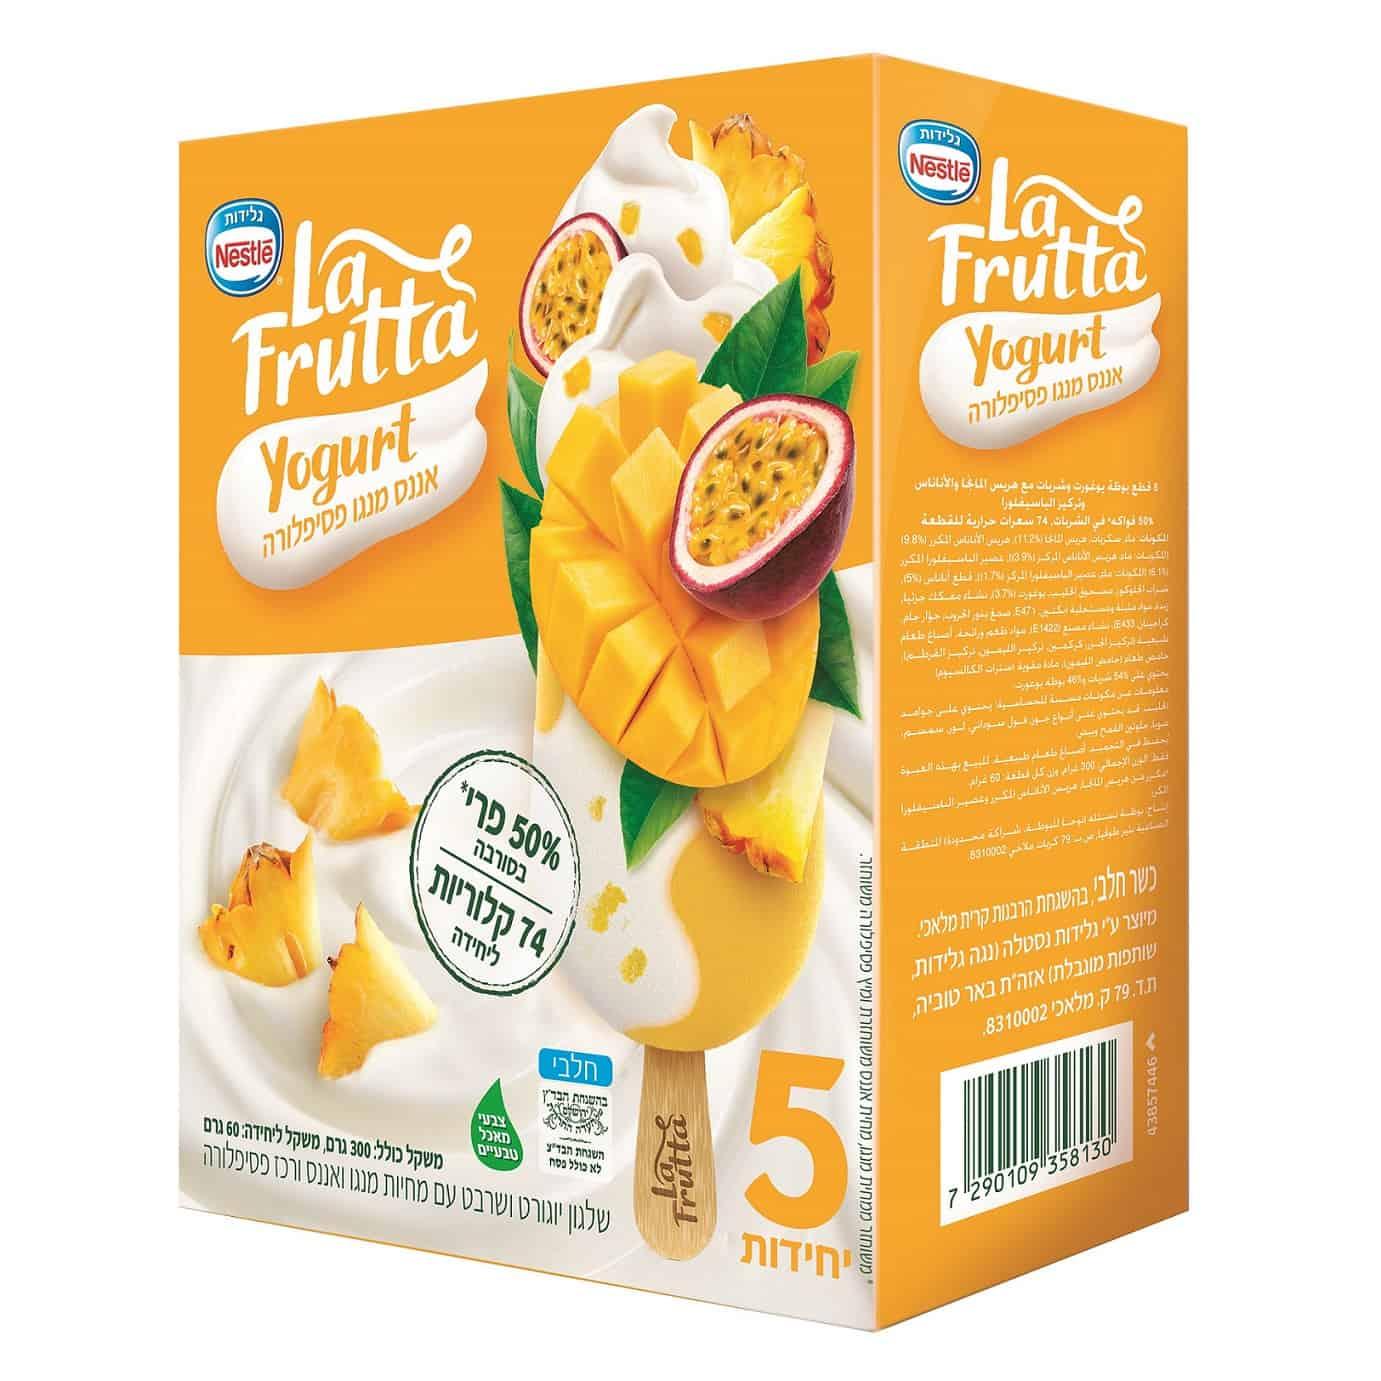 מאגדת La Frutta טרופי יוגורט קרדיט סטודיו אסם